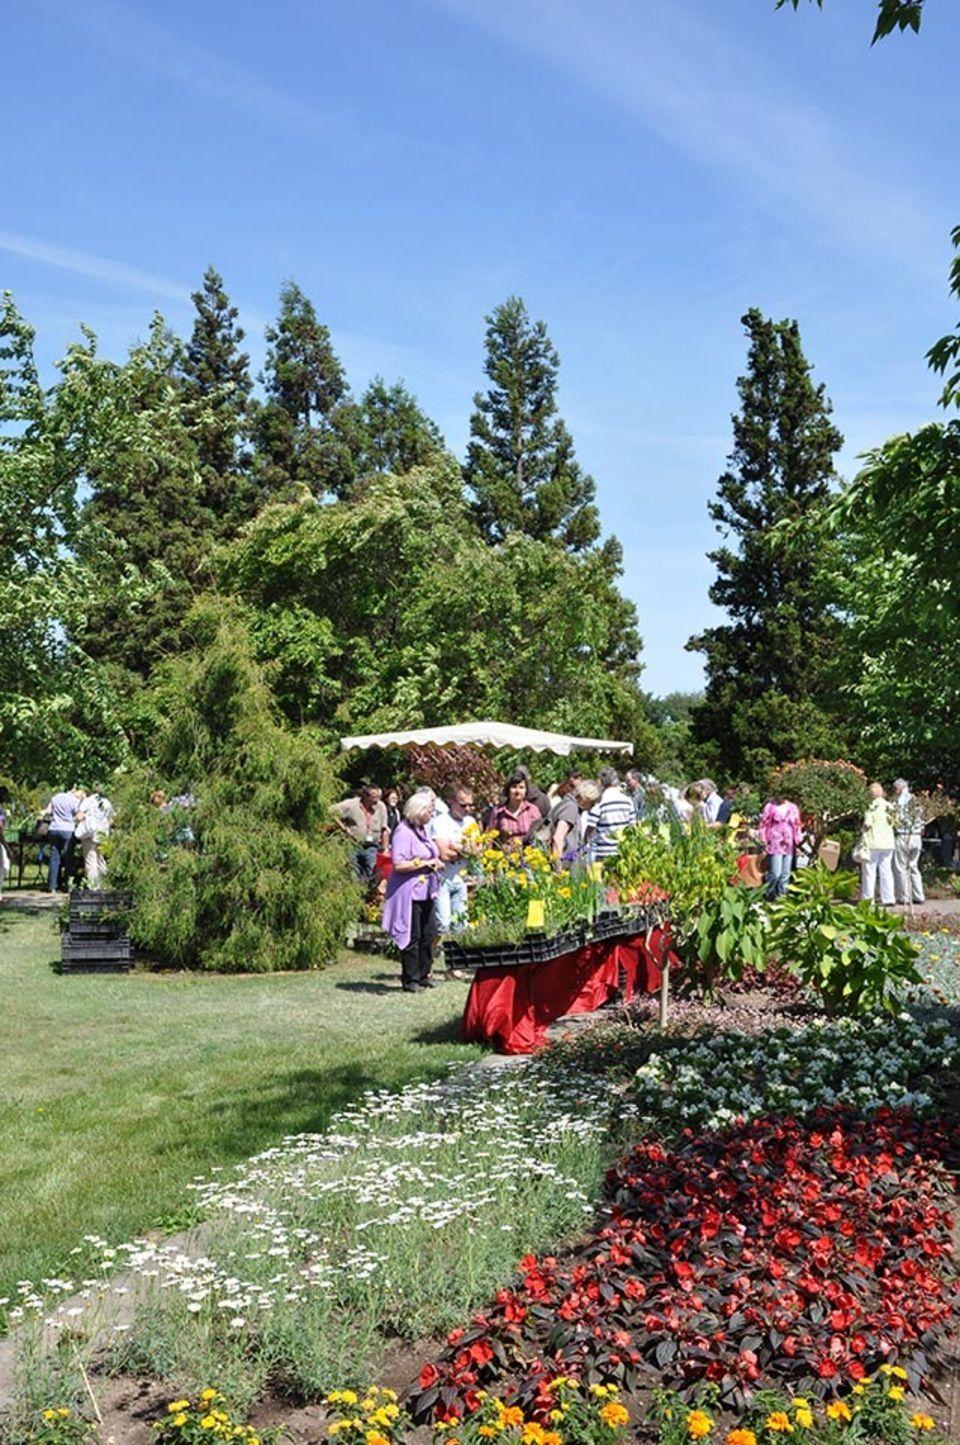 Botanischer Garten Marburg Pflanzenmarkt Des Jahres Von Pflanzenmarkt Marburg Im Mai Pflanzenmarkte In Hessen In Bezug Auf Botanisch Dolores Park Park Travel